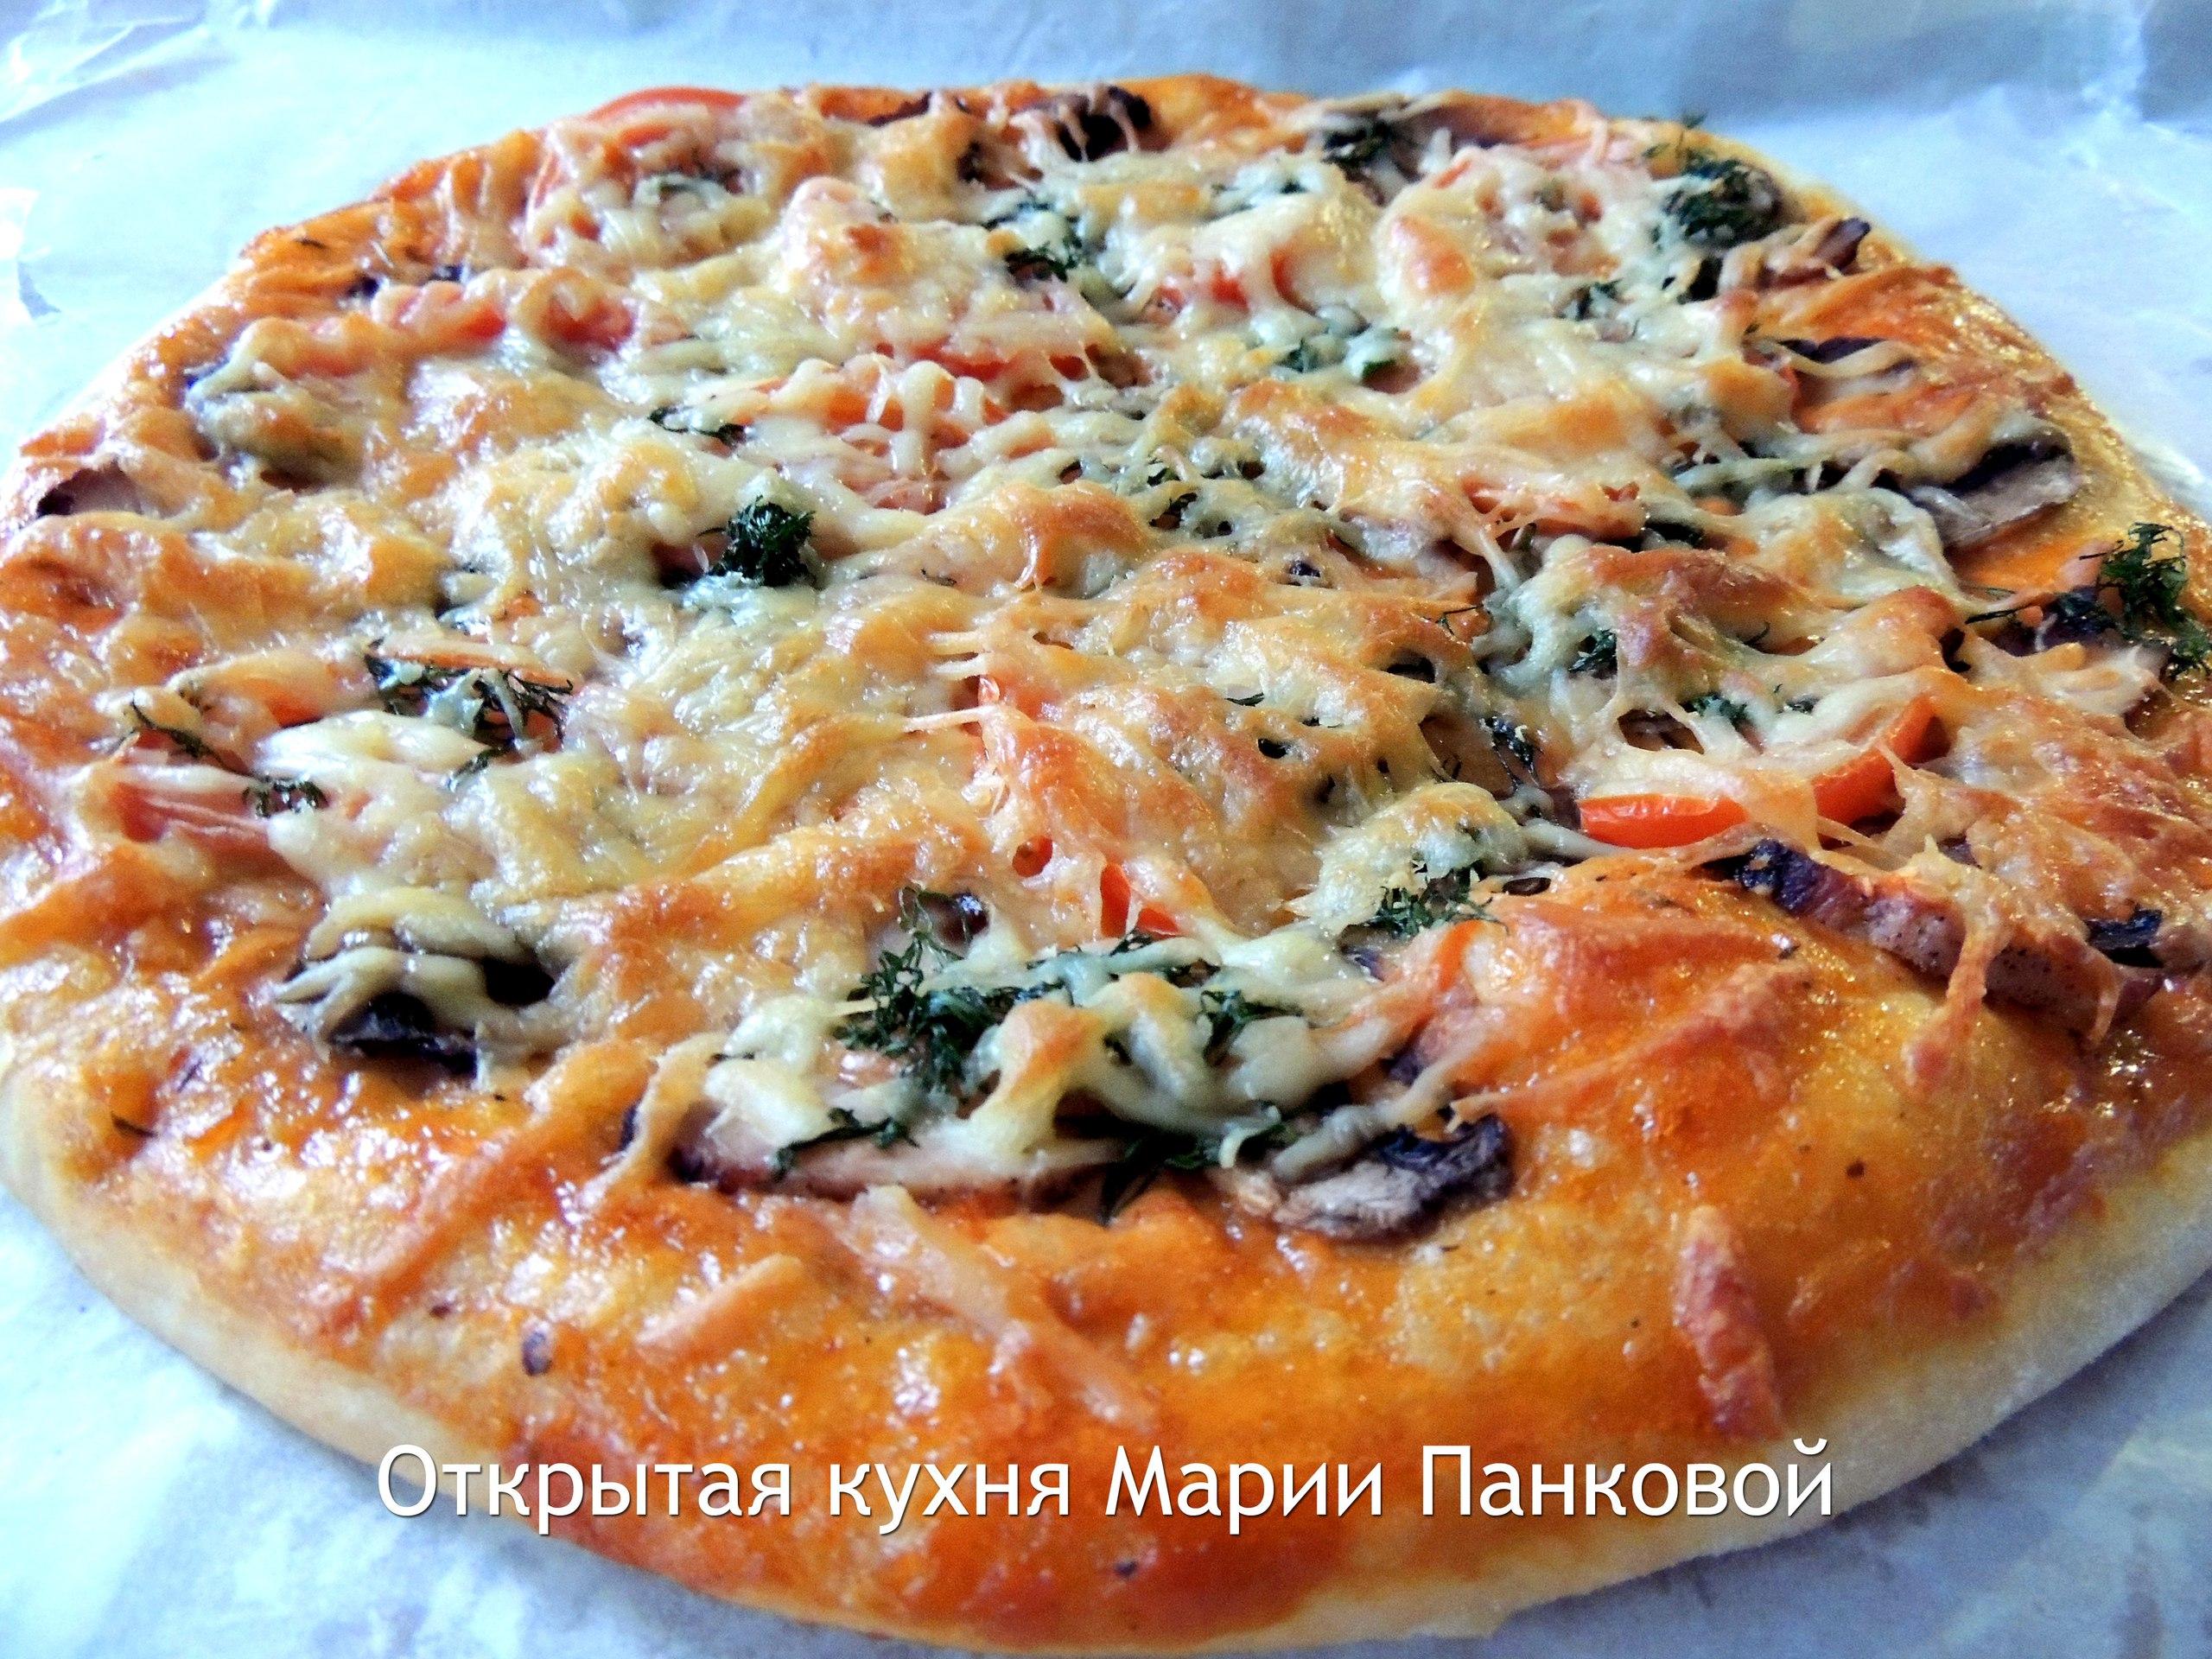 Рецепты тортов-суфле с фото